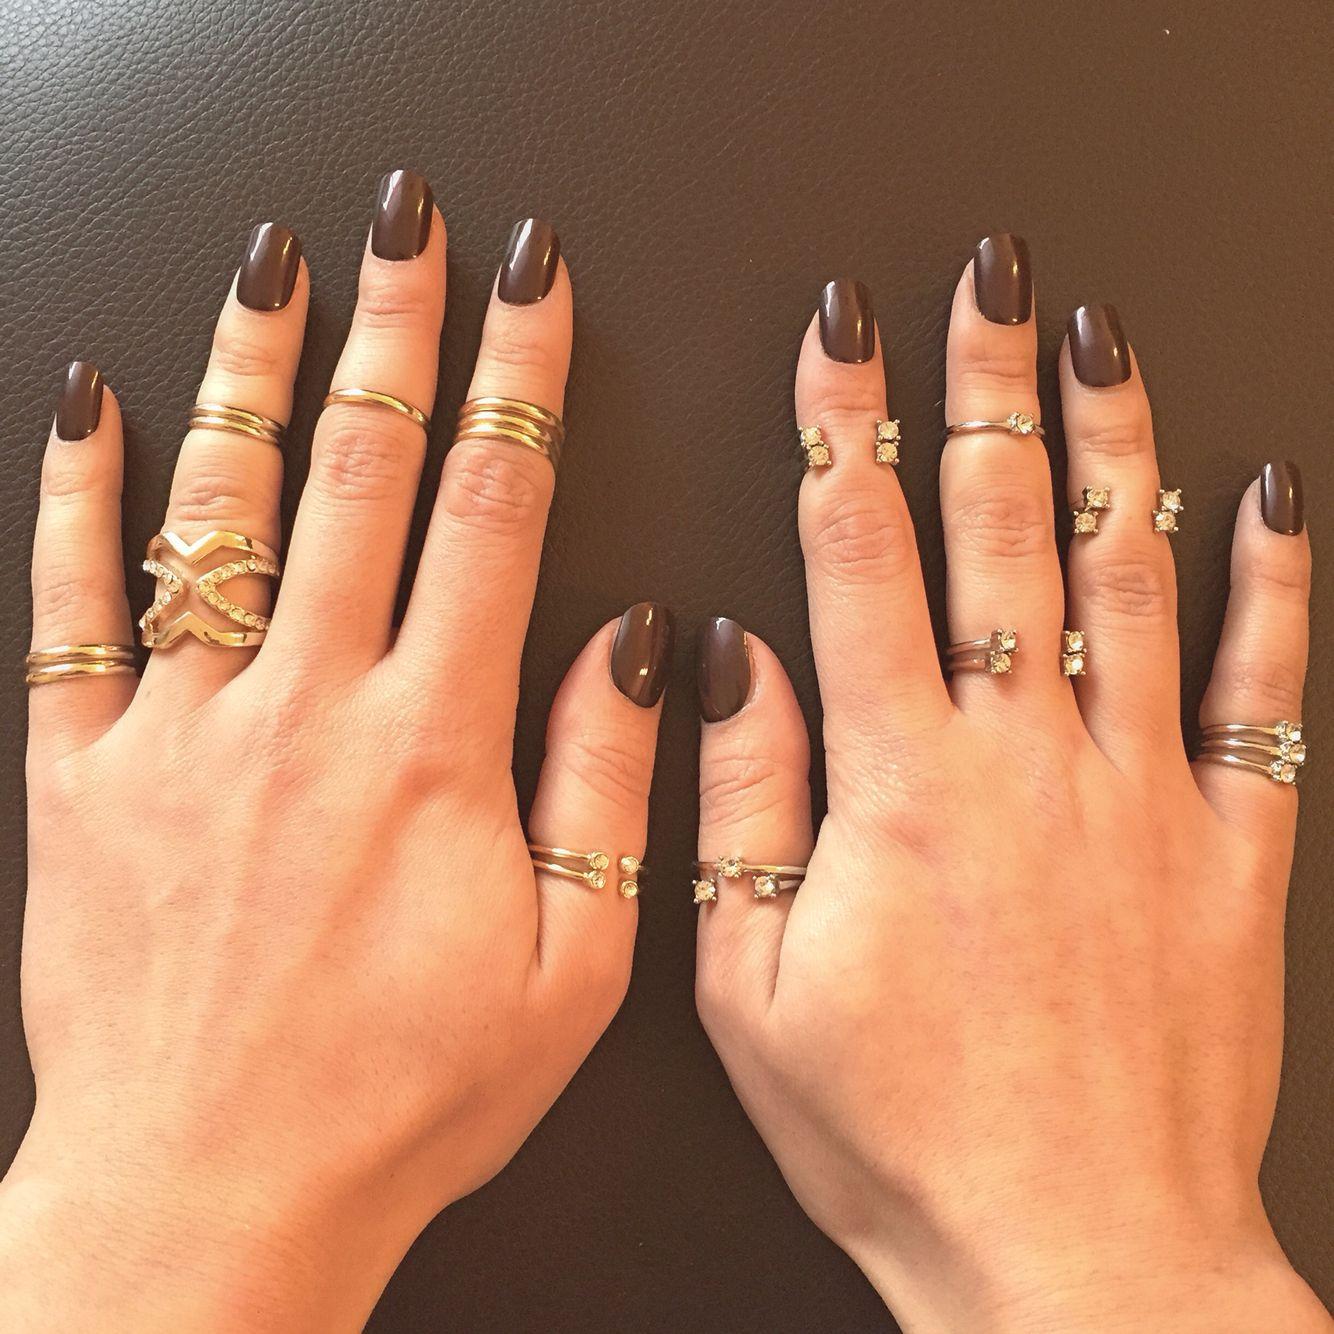 #whatshouldiwear #bling #rings